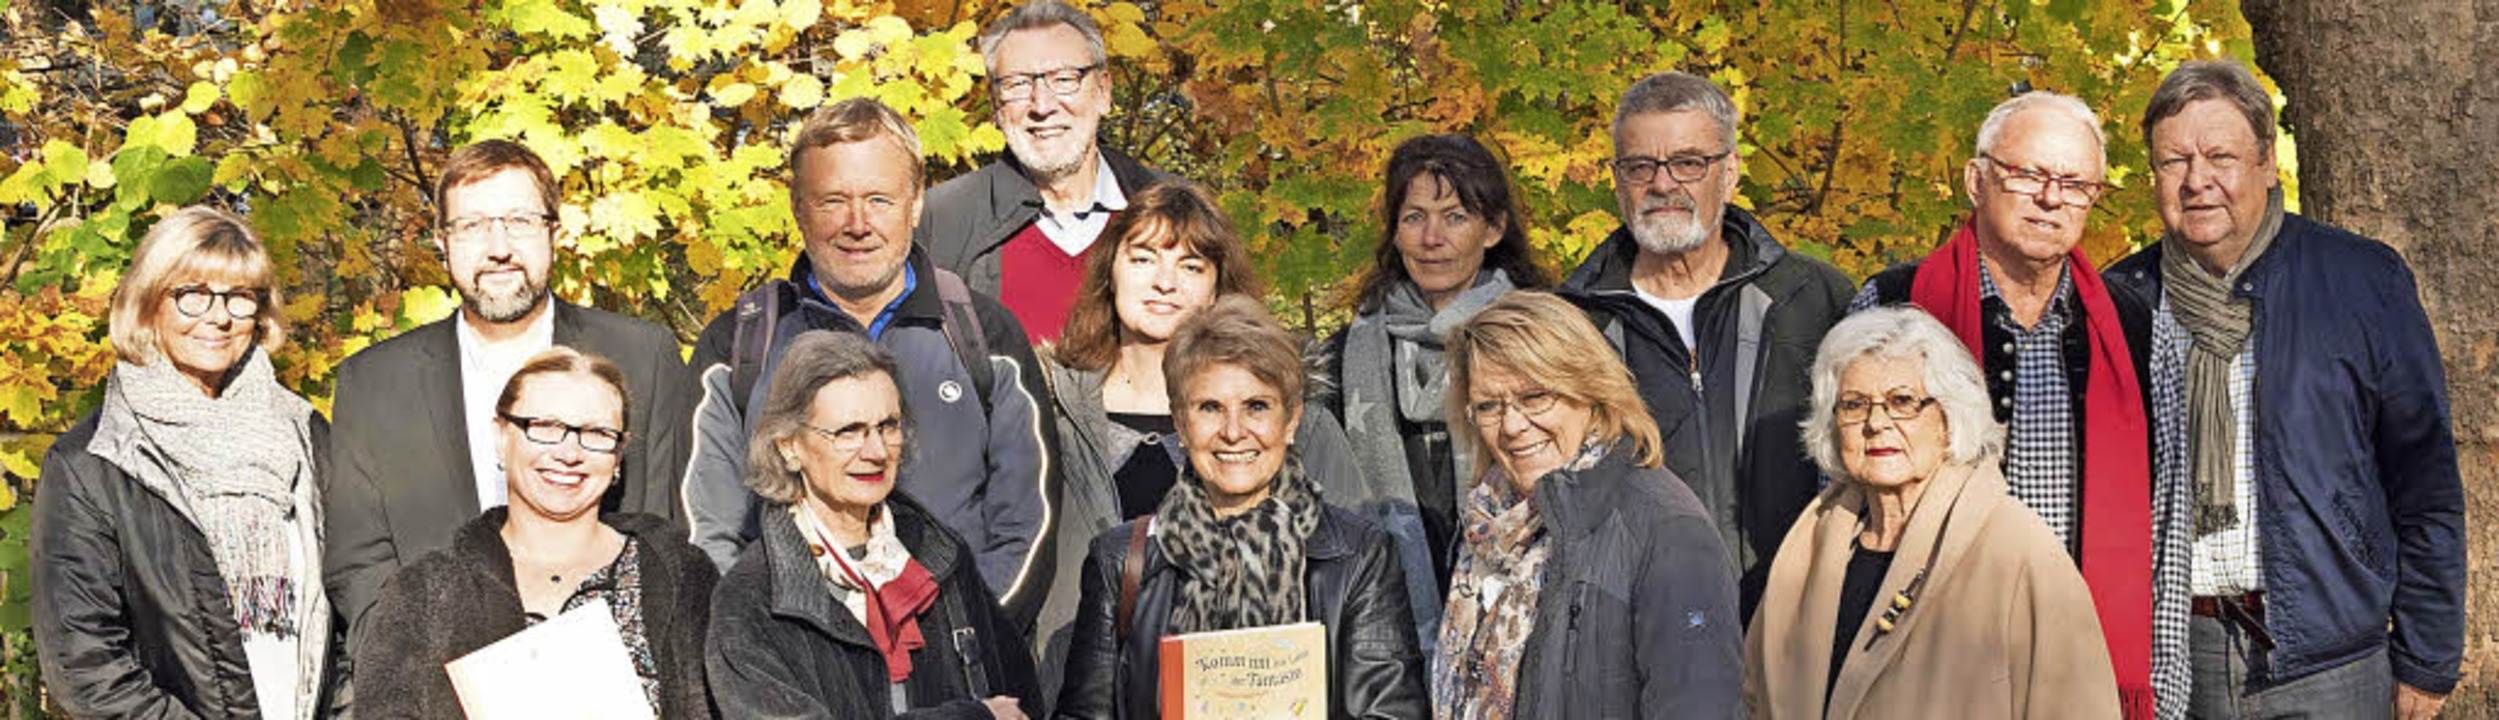 Einige der Waldkircher  Vorleserinnen und Vorleser für den Vorlesetag am Freitag  | Foto: Helmut Rothermel